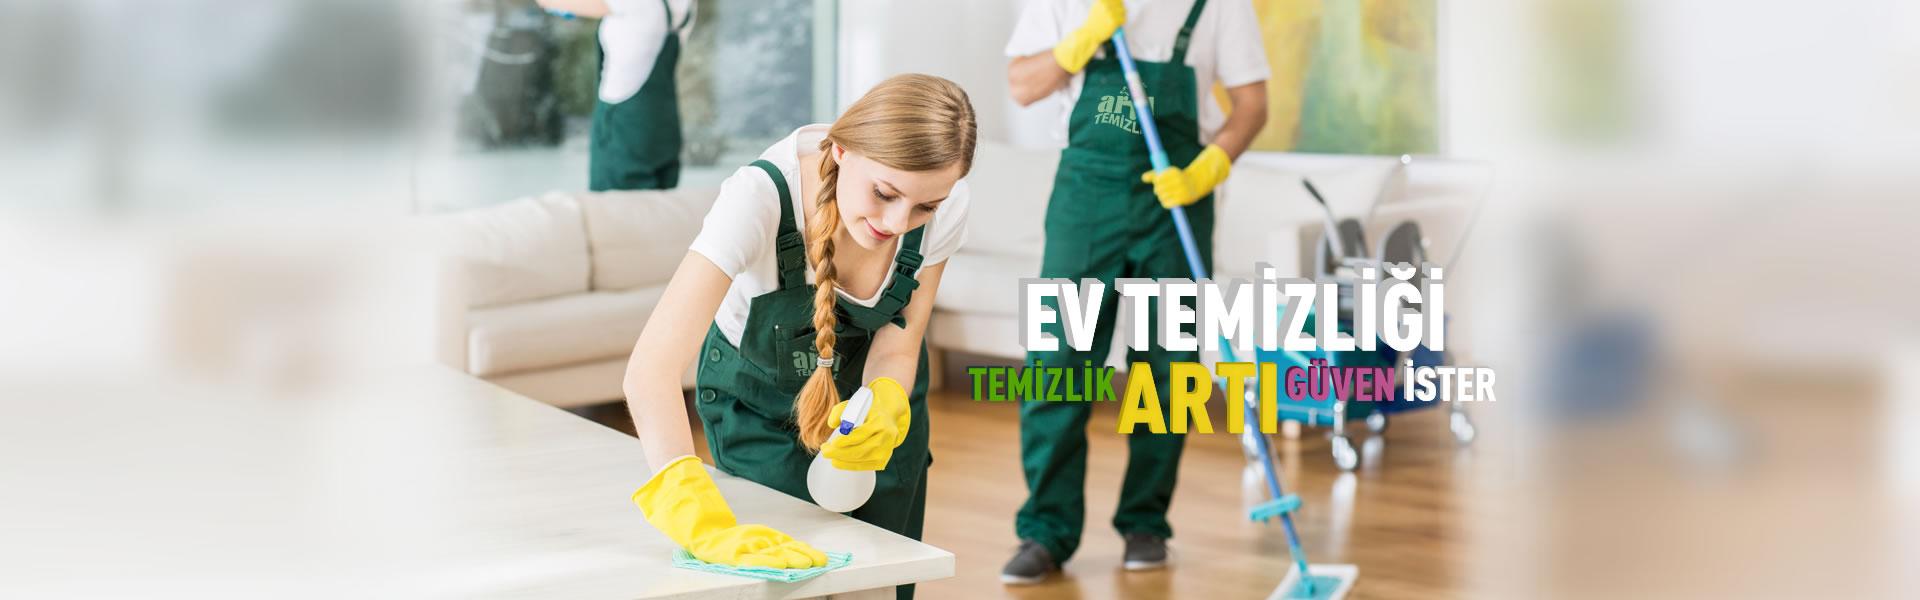 Antalya Temizlik Firmaları